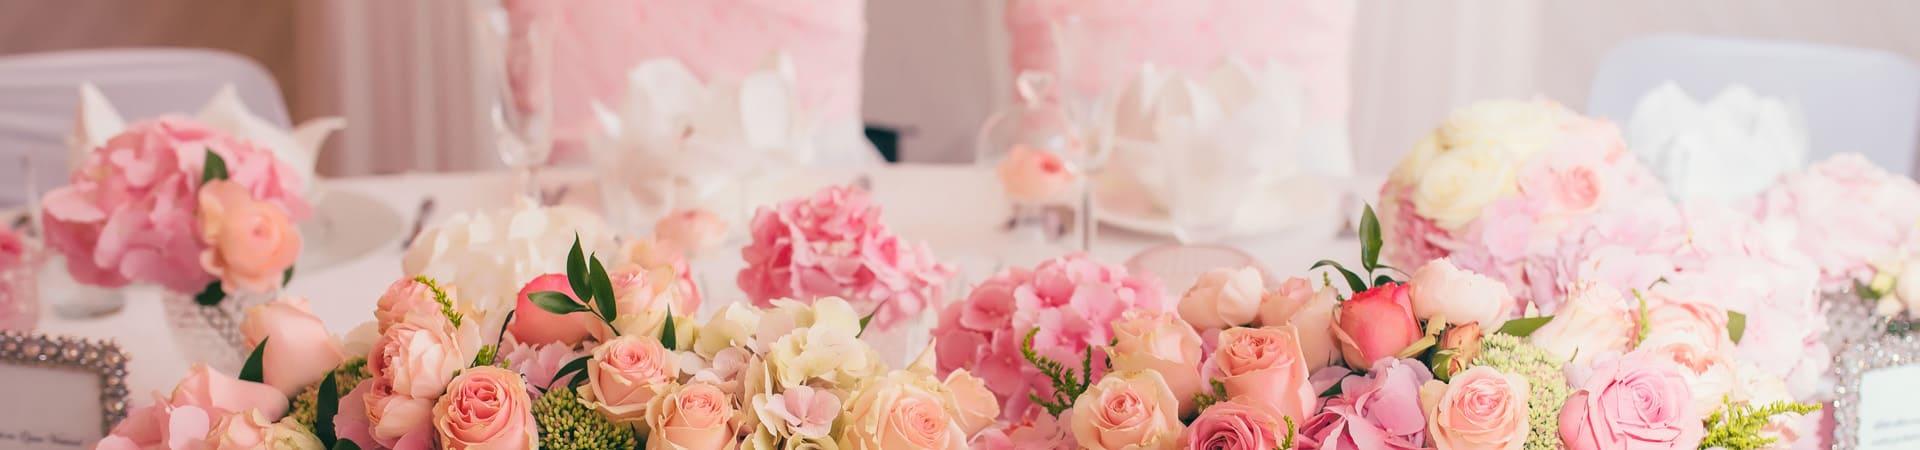 Hochzeits-Zeremonie - Brauttisch mit prächtiger Blumendekoration